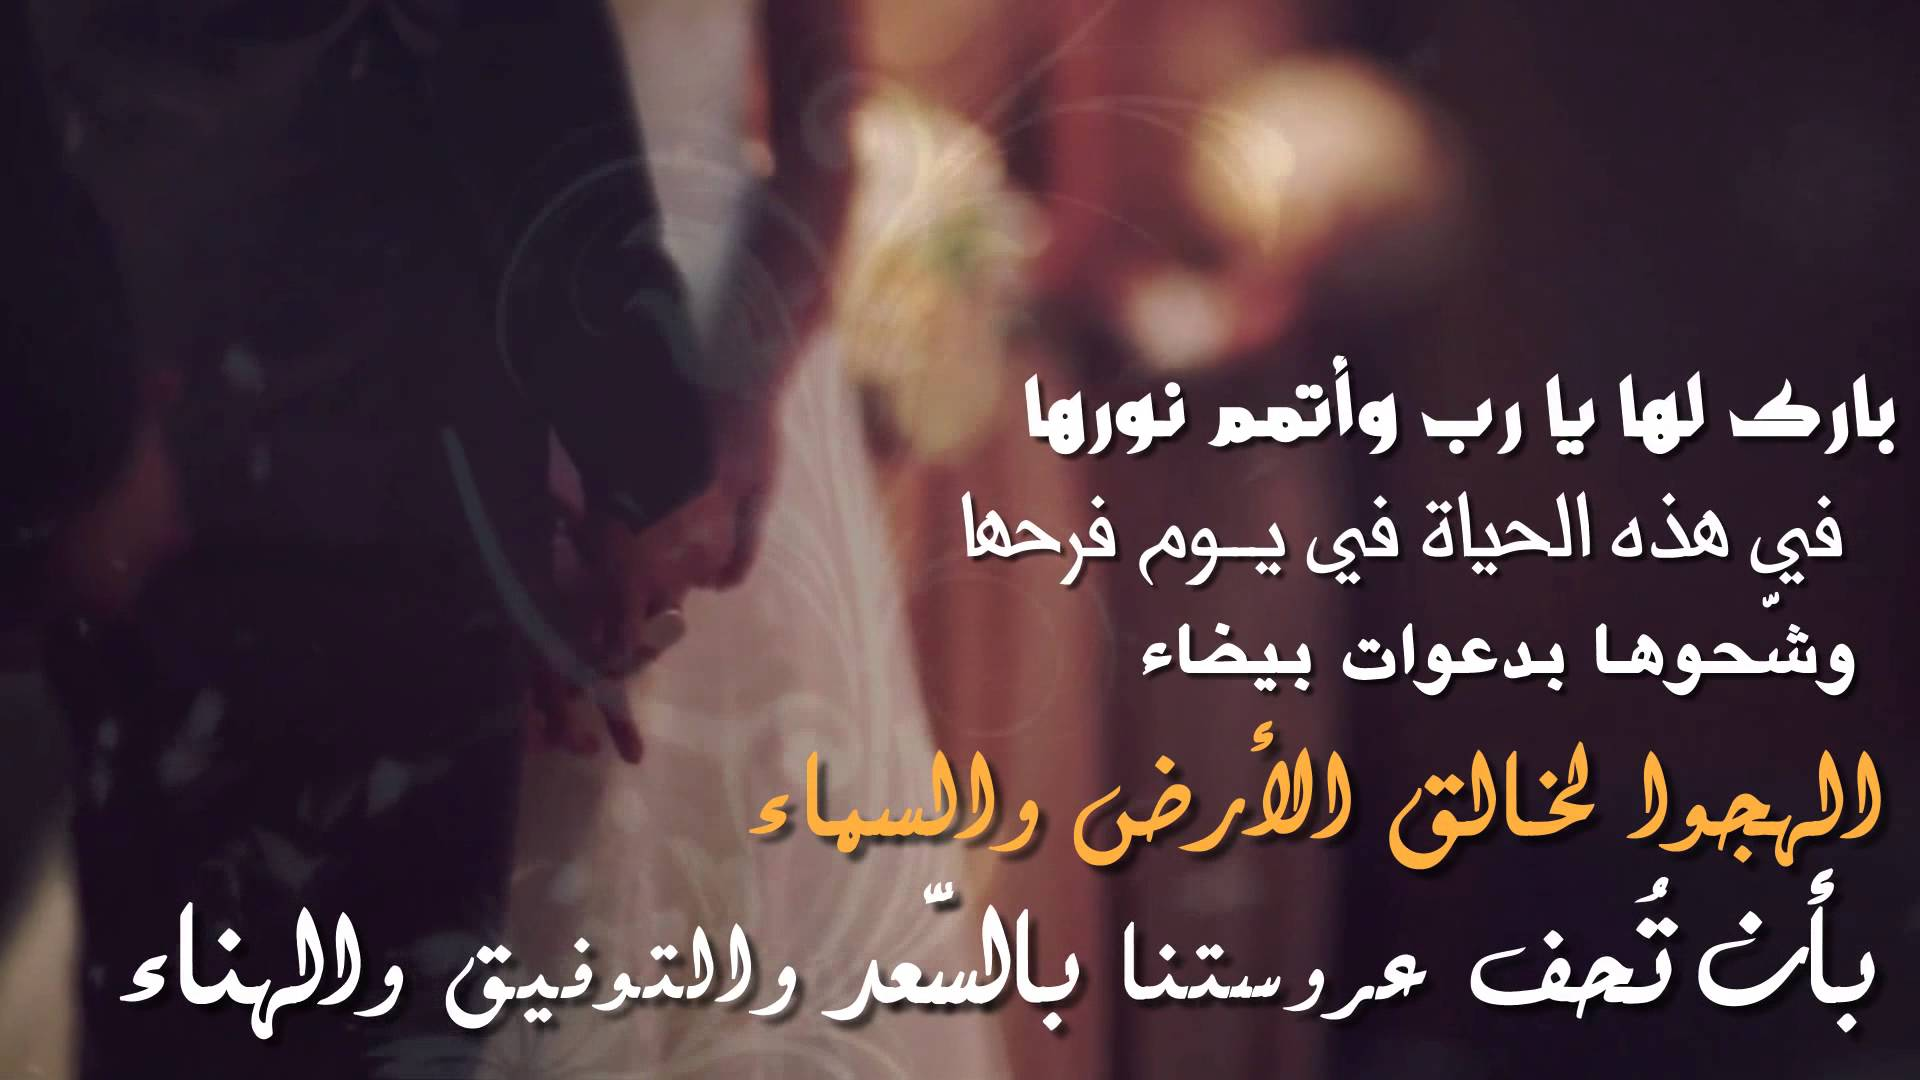 بالصور كلمات للعروس من صديقتها , احلى كلمات حب من صديقه العروسه 1757 5